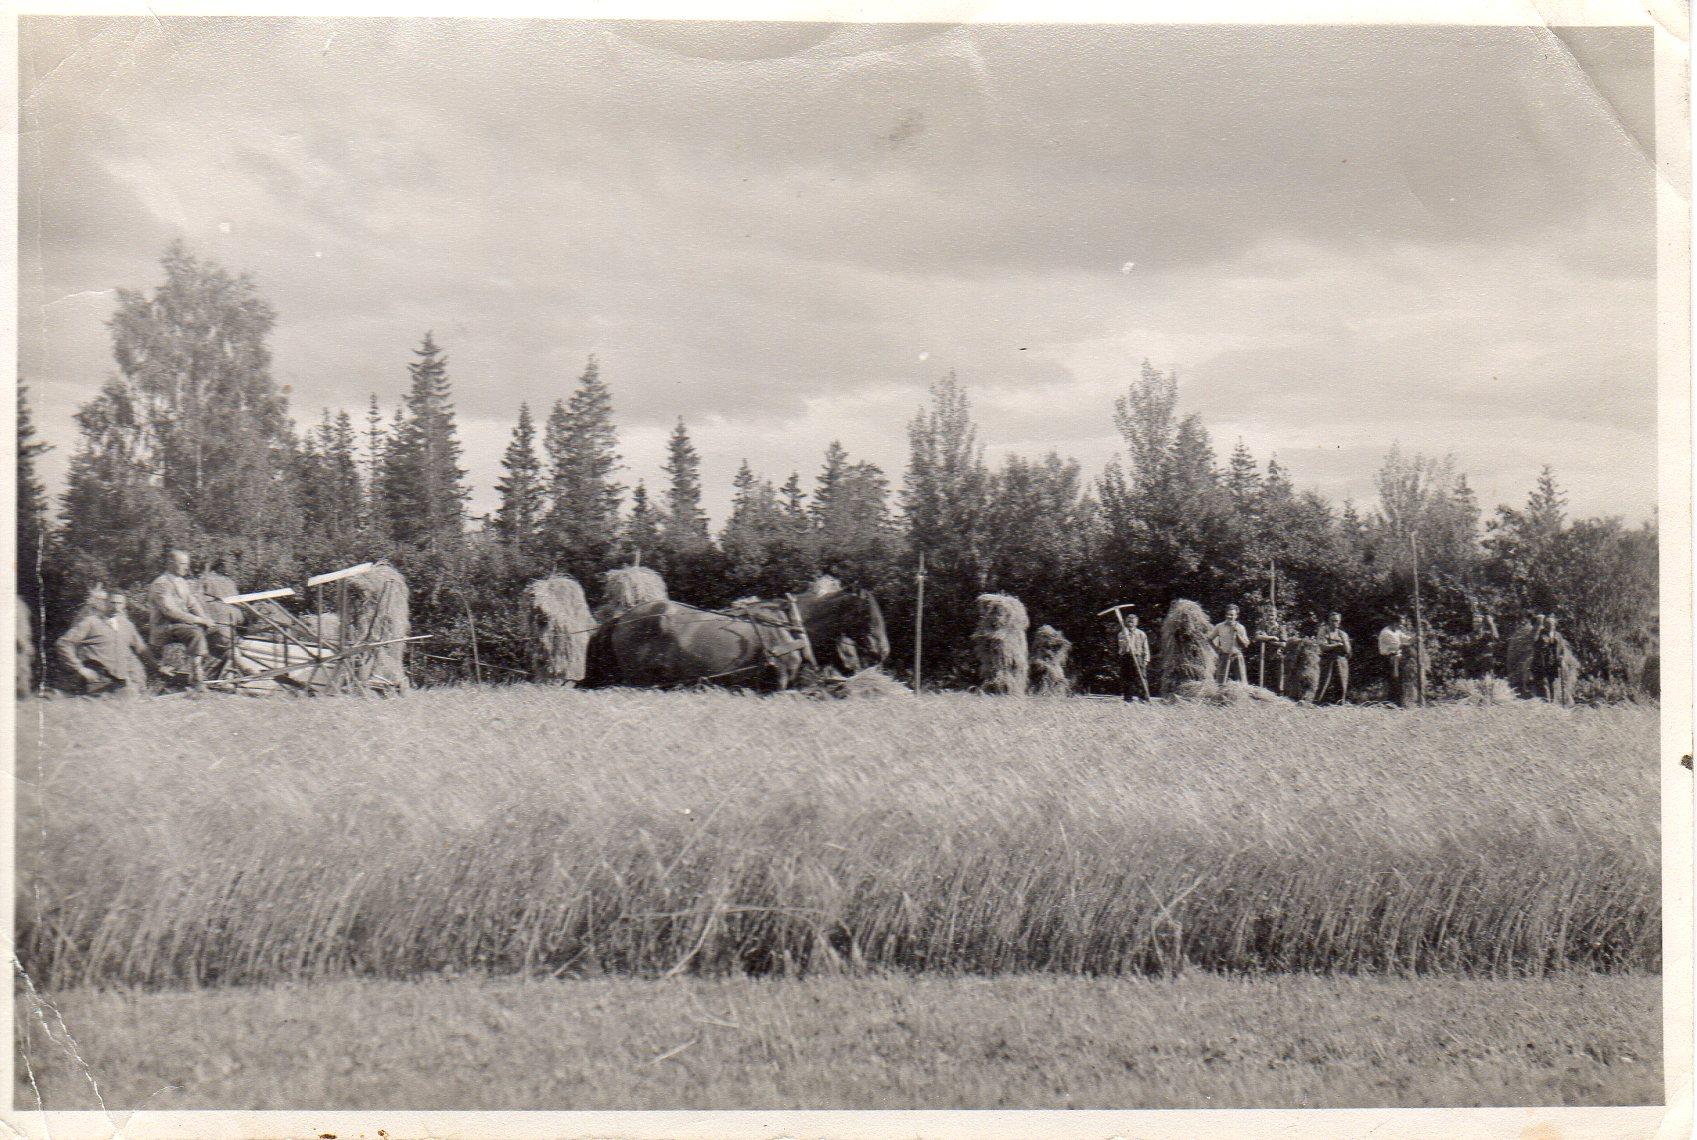 Rostad gård og barnehjem har vært en viktig arbeidsplass for folka på Ulvenaune gjennom lang tid, f.eks. kom mor til Nils, Beret Martha, dit før 1910. Bildet er fra skurdonnearbeid, antagelig i 1930-årene. Dette er før traktorens og skurtrøskas tid. Sjølbinderen trekkes av to hester, og kornbanda tørkes på staur.